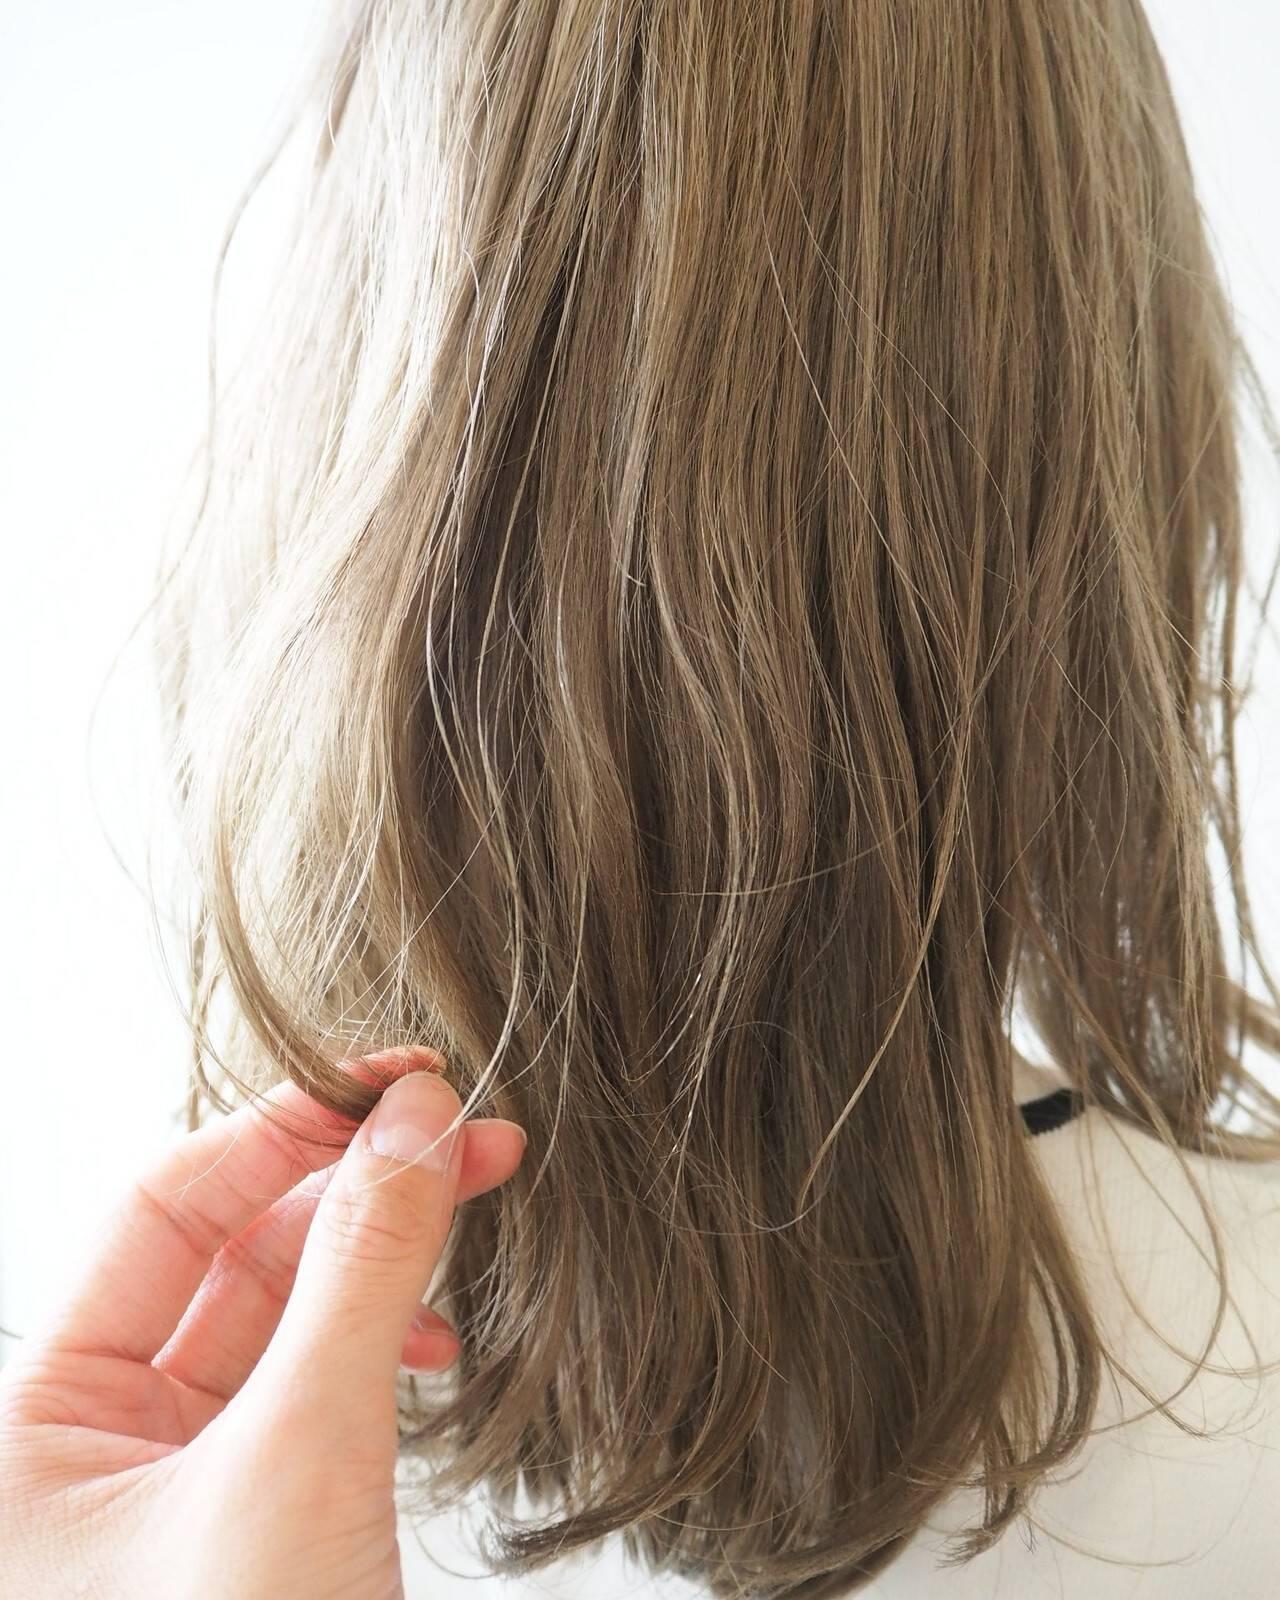 セミロング ナチュラル 透明感カラー ハイトーンヘアスタイルや髪型の写真・画像